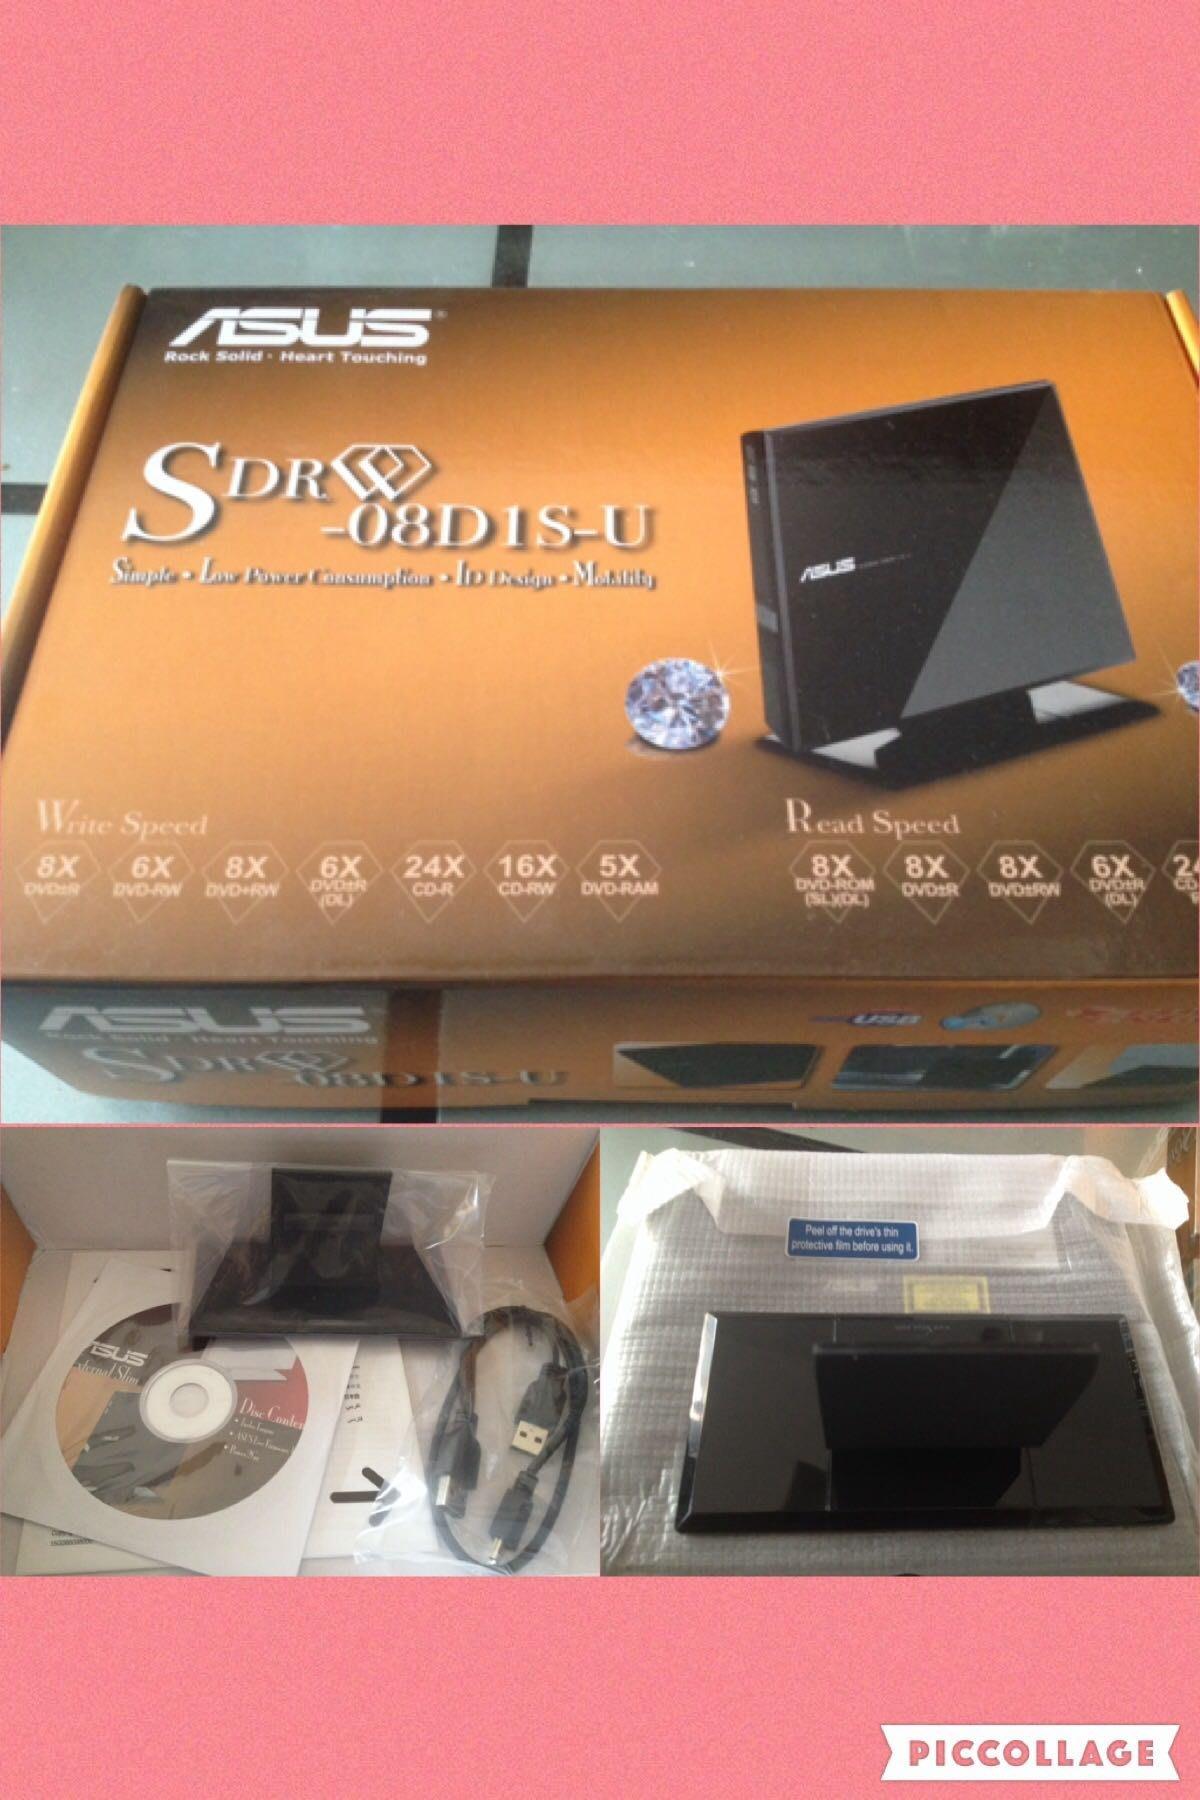 華碩 SDRW-08D1S-U 時尚、專業、精緻、可攜式DVD燒錄方案